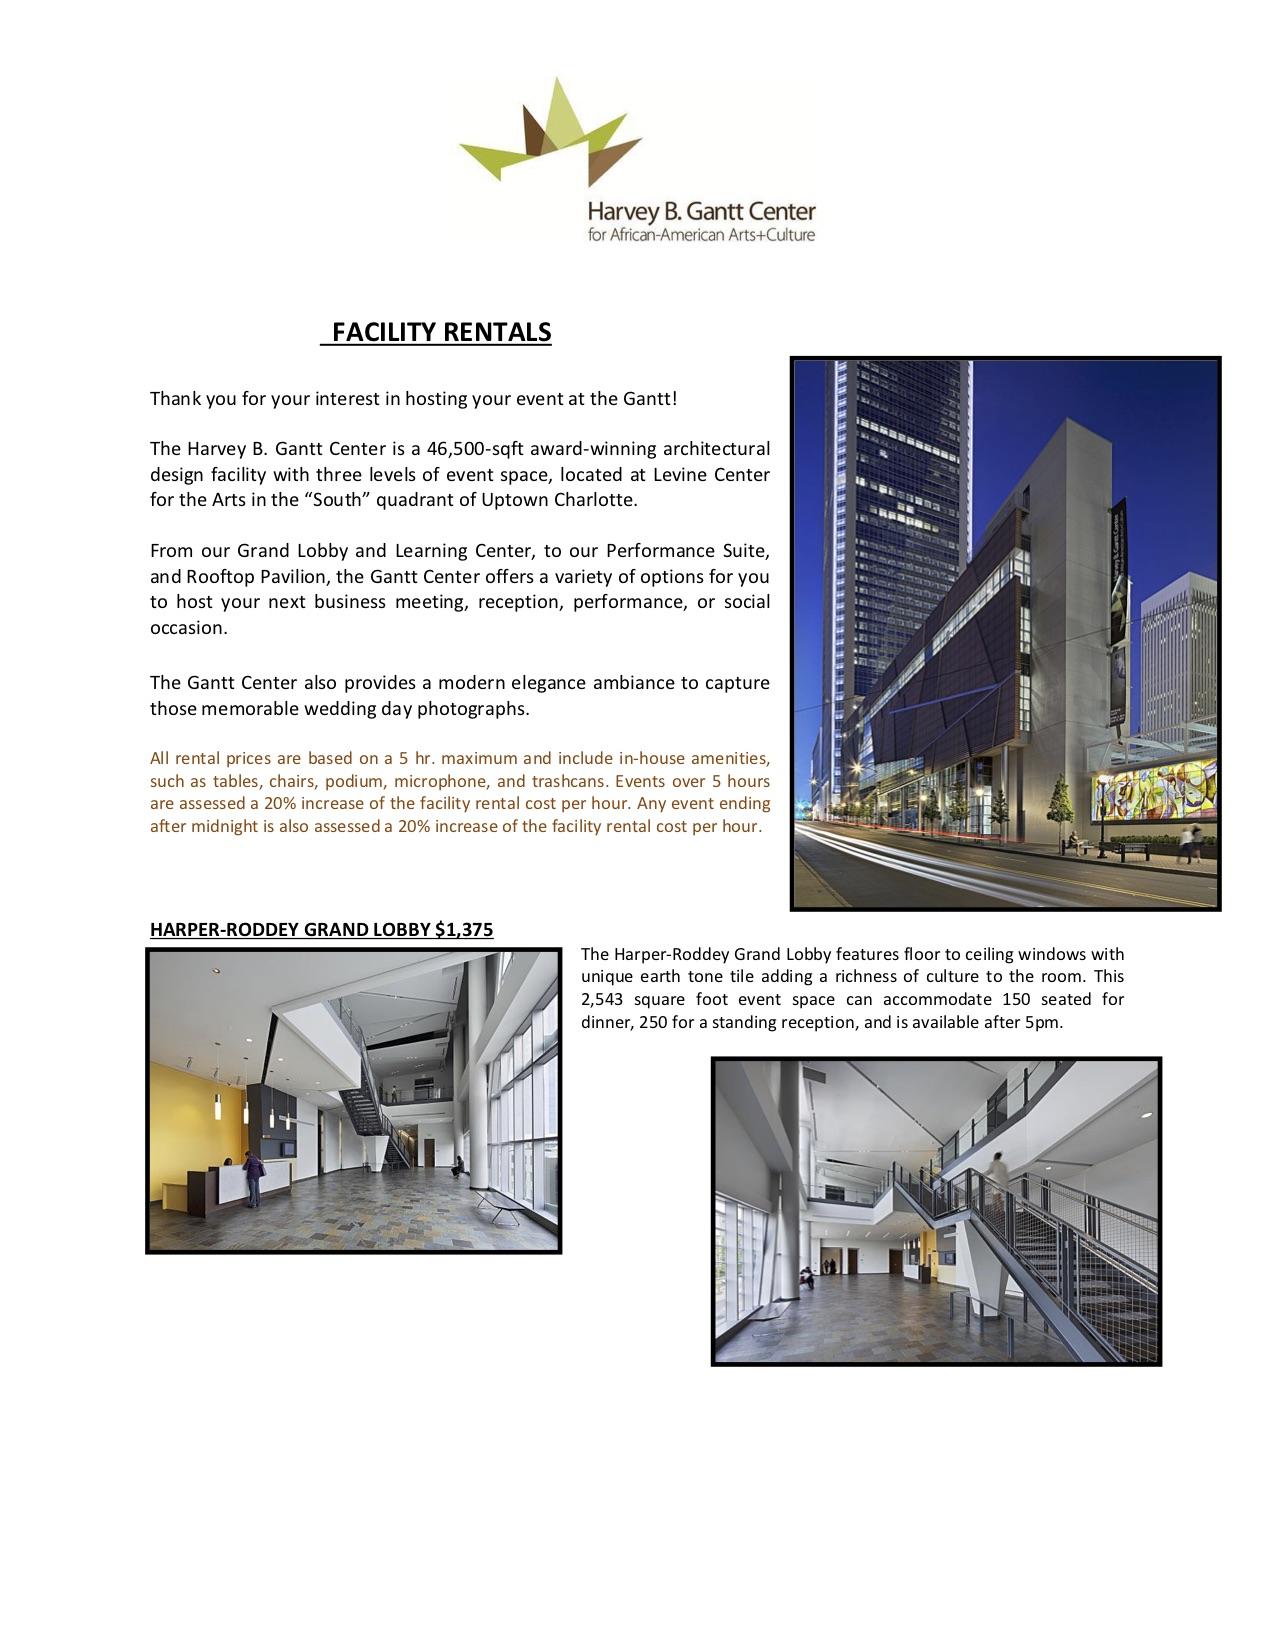 Harvey Gantt FacilityRentals_RevJuly18.jpg